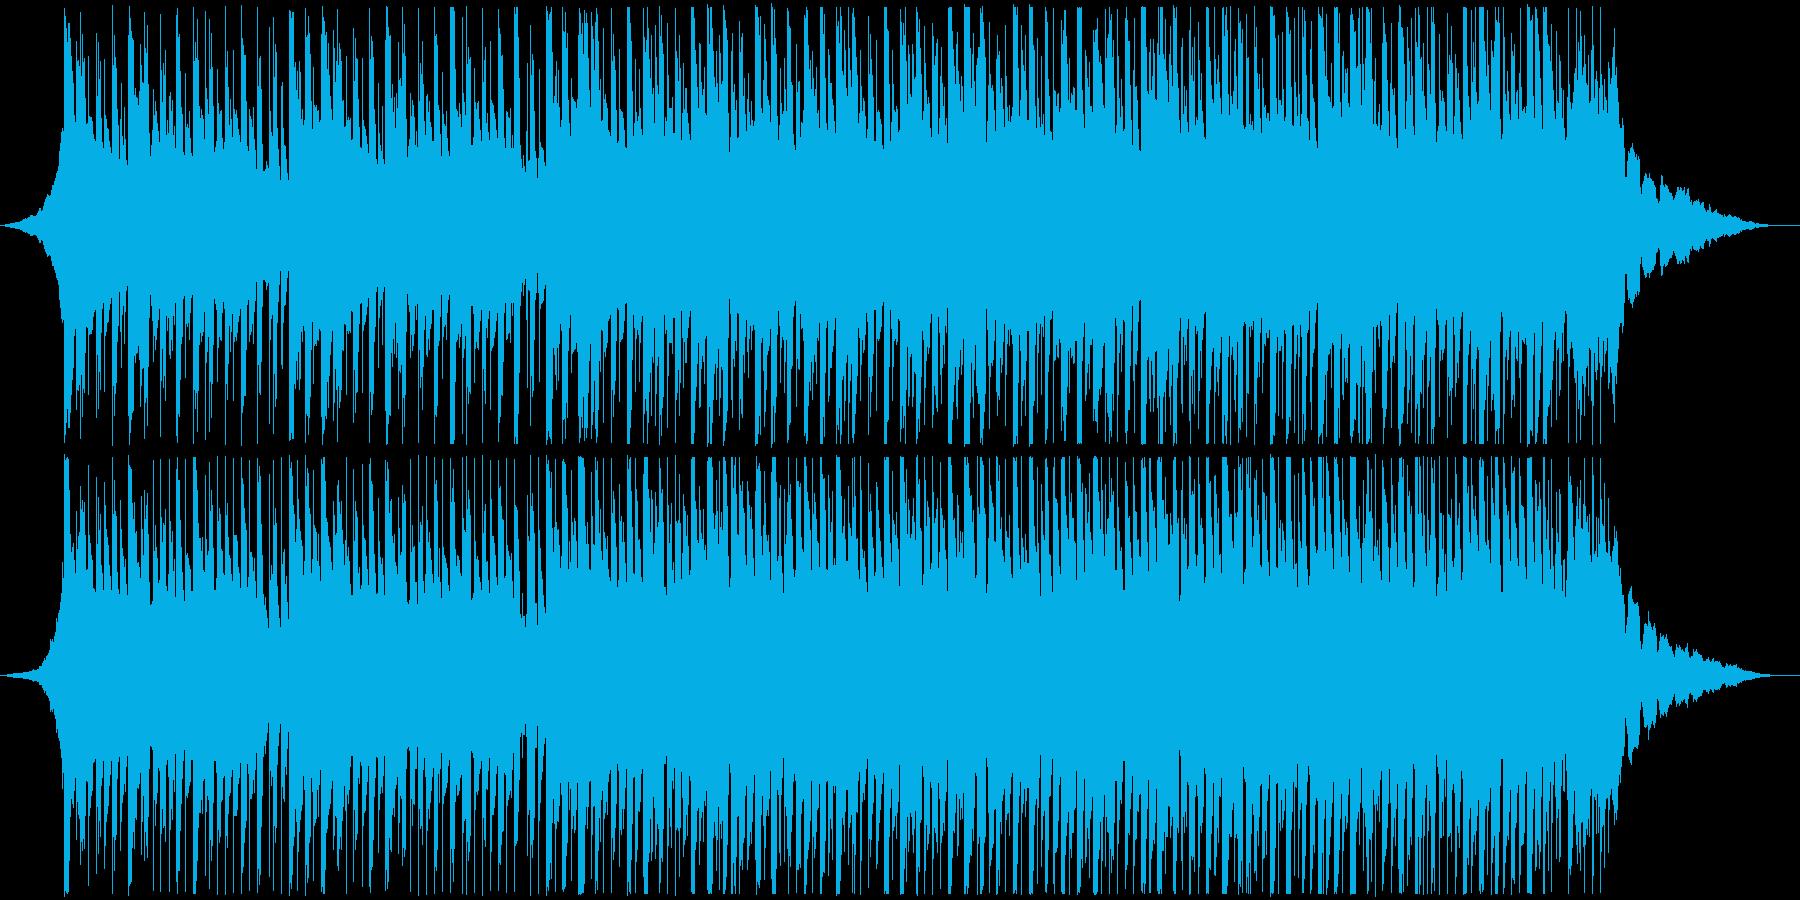 メディカルコーポレート(60秒)の再生済みの波形